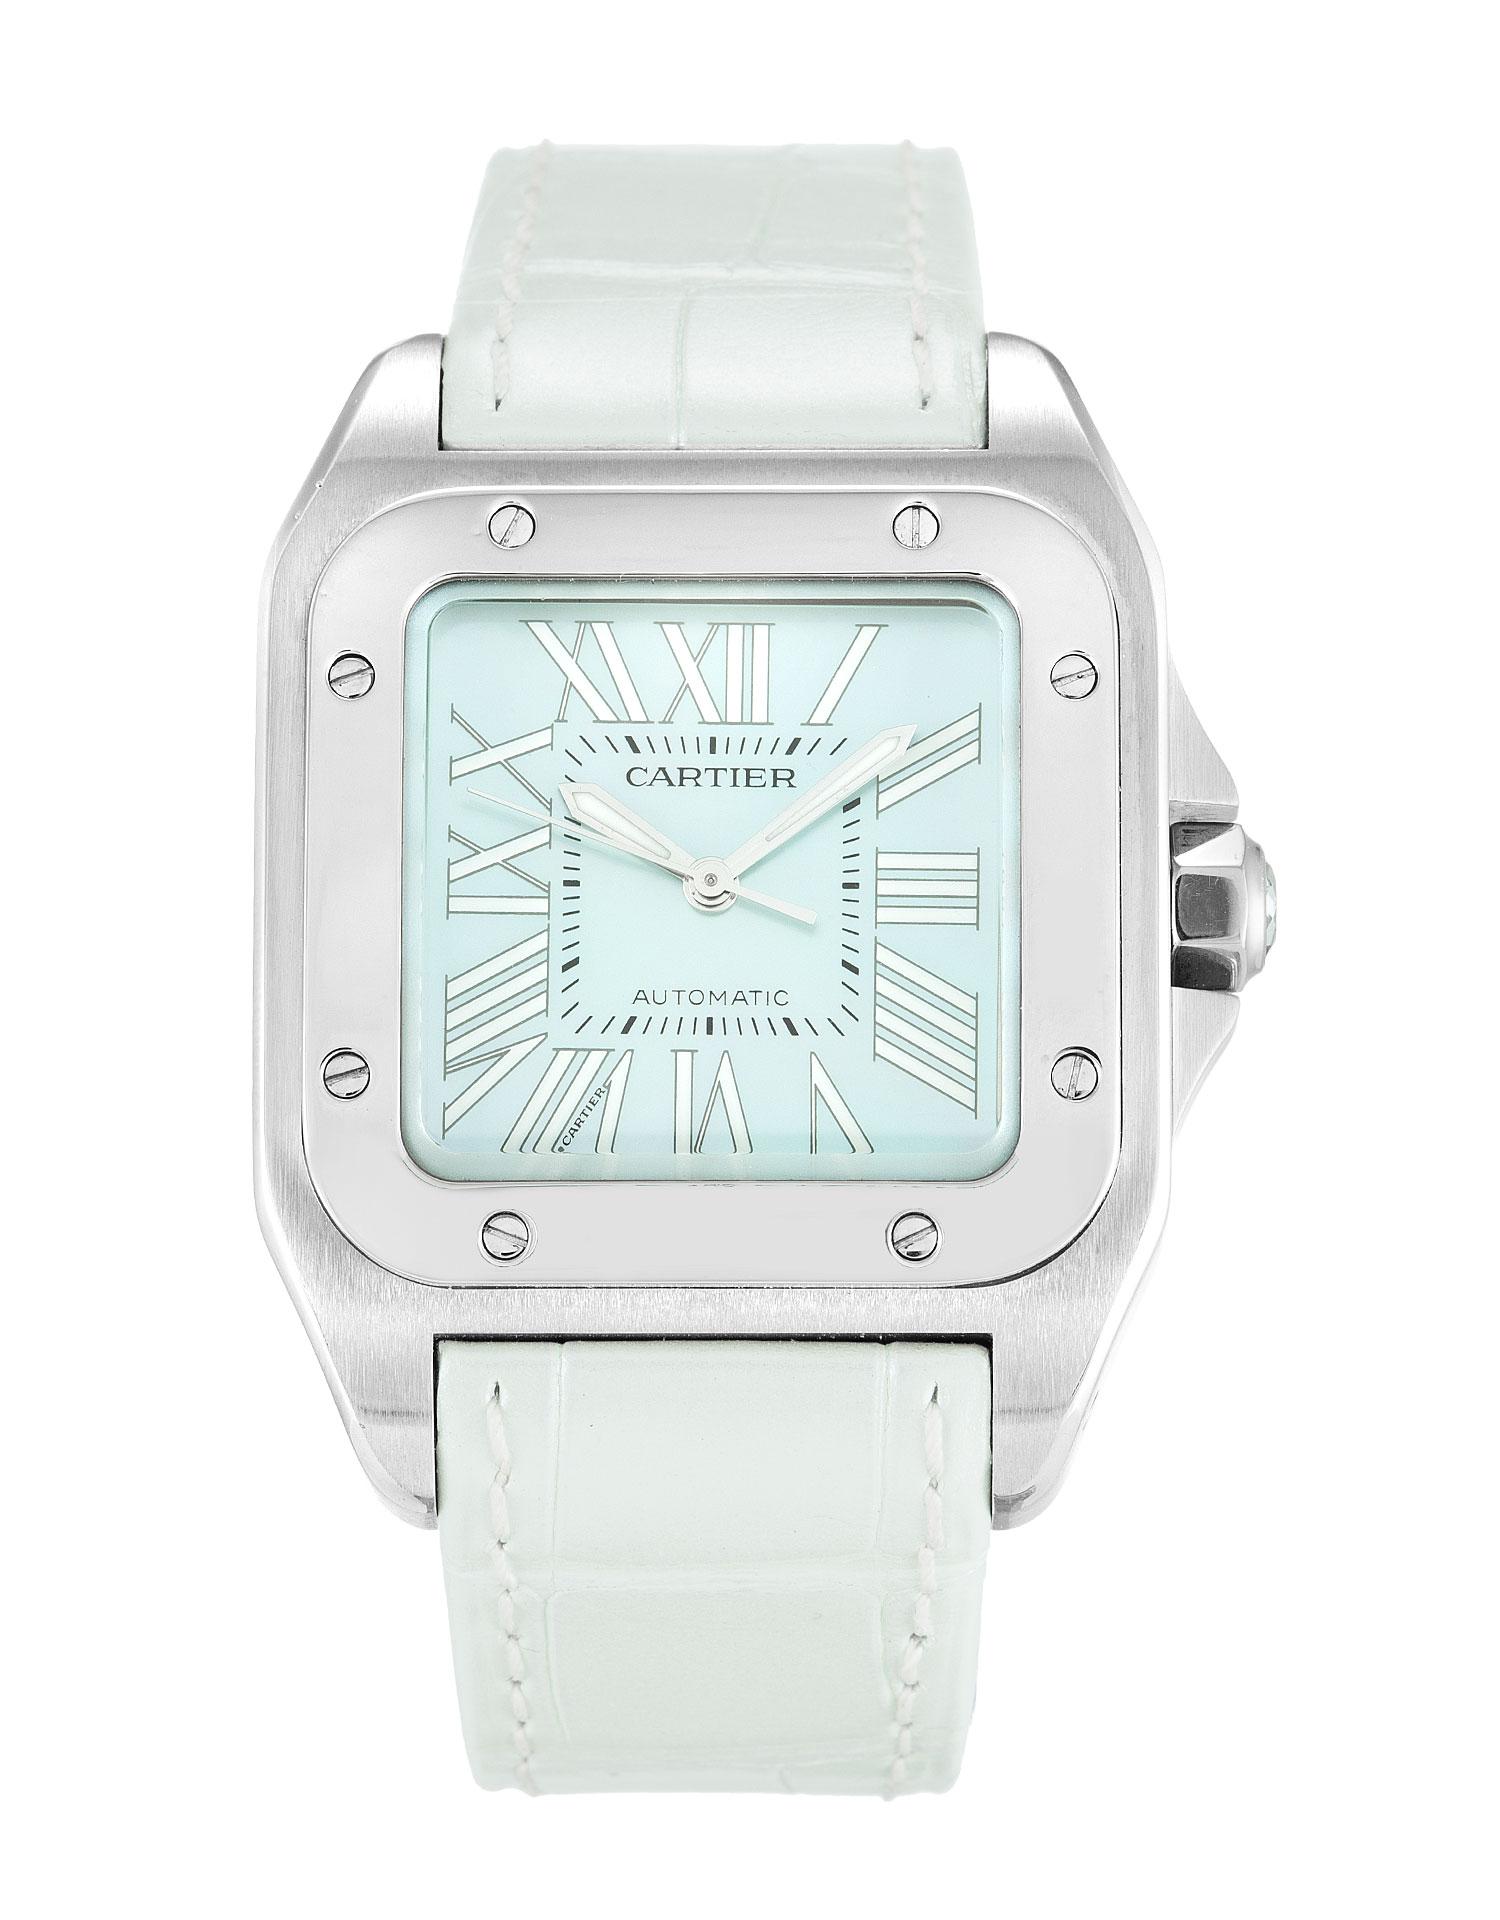 759b29701da2 Cartier W20132x8 Watches Owners Manual